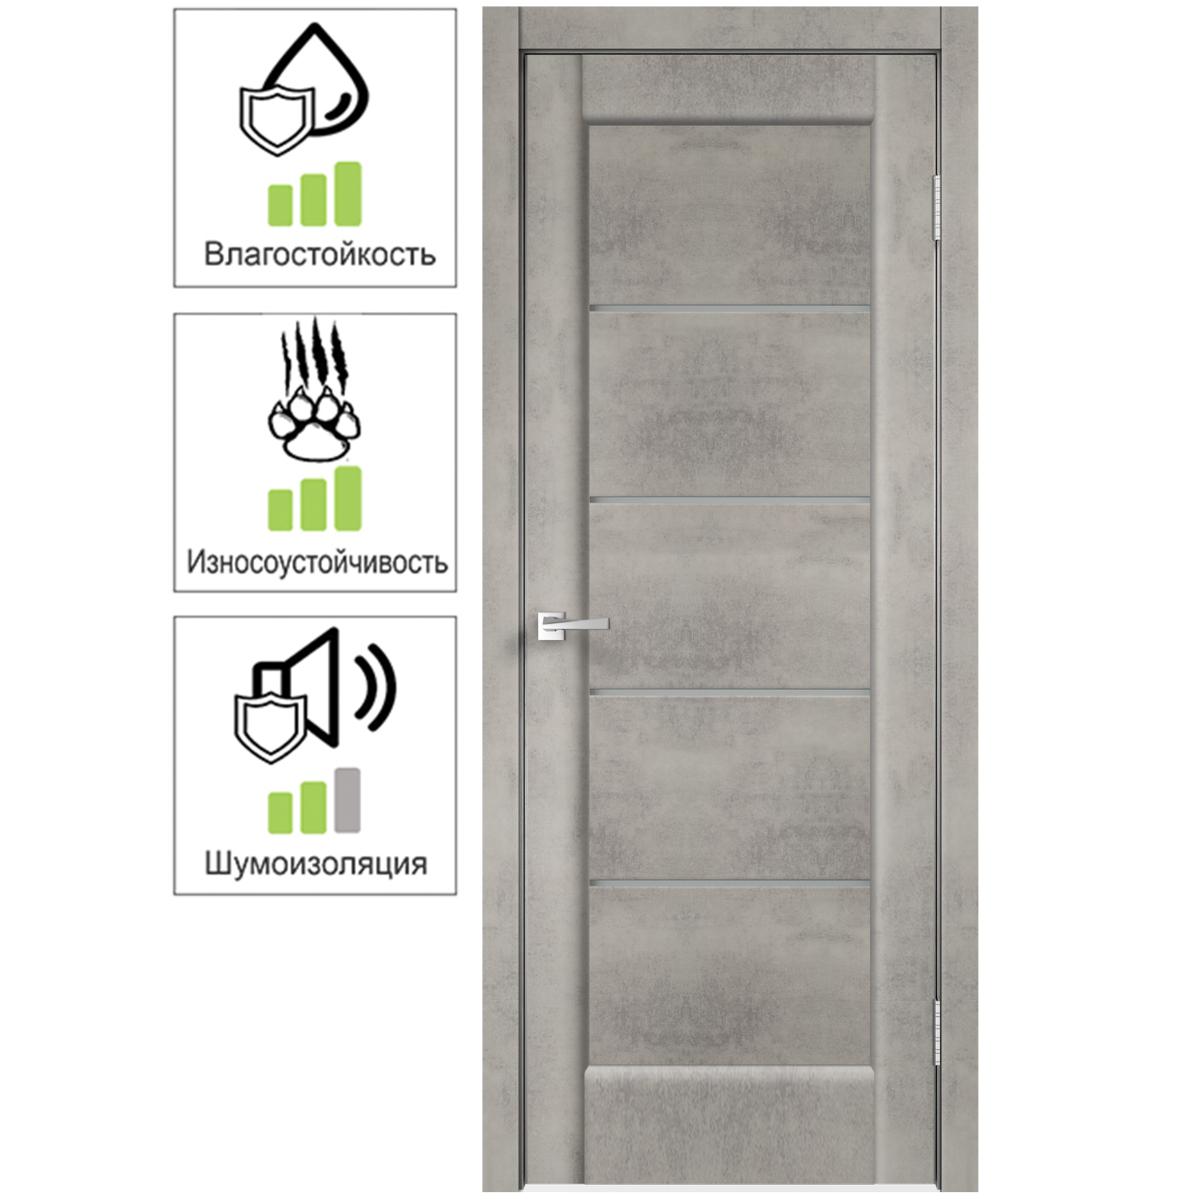 Дверь межкомнатная остеклённая «Сохо» 60x200 см ПВХ цвет лофт светлый с фурнитурой